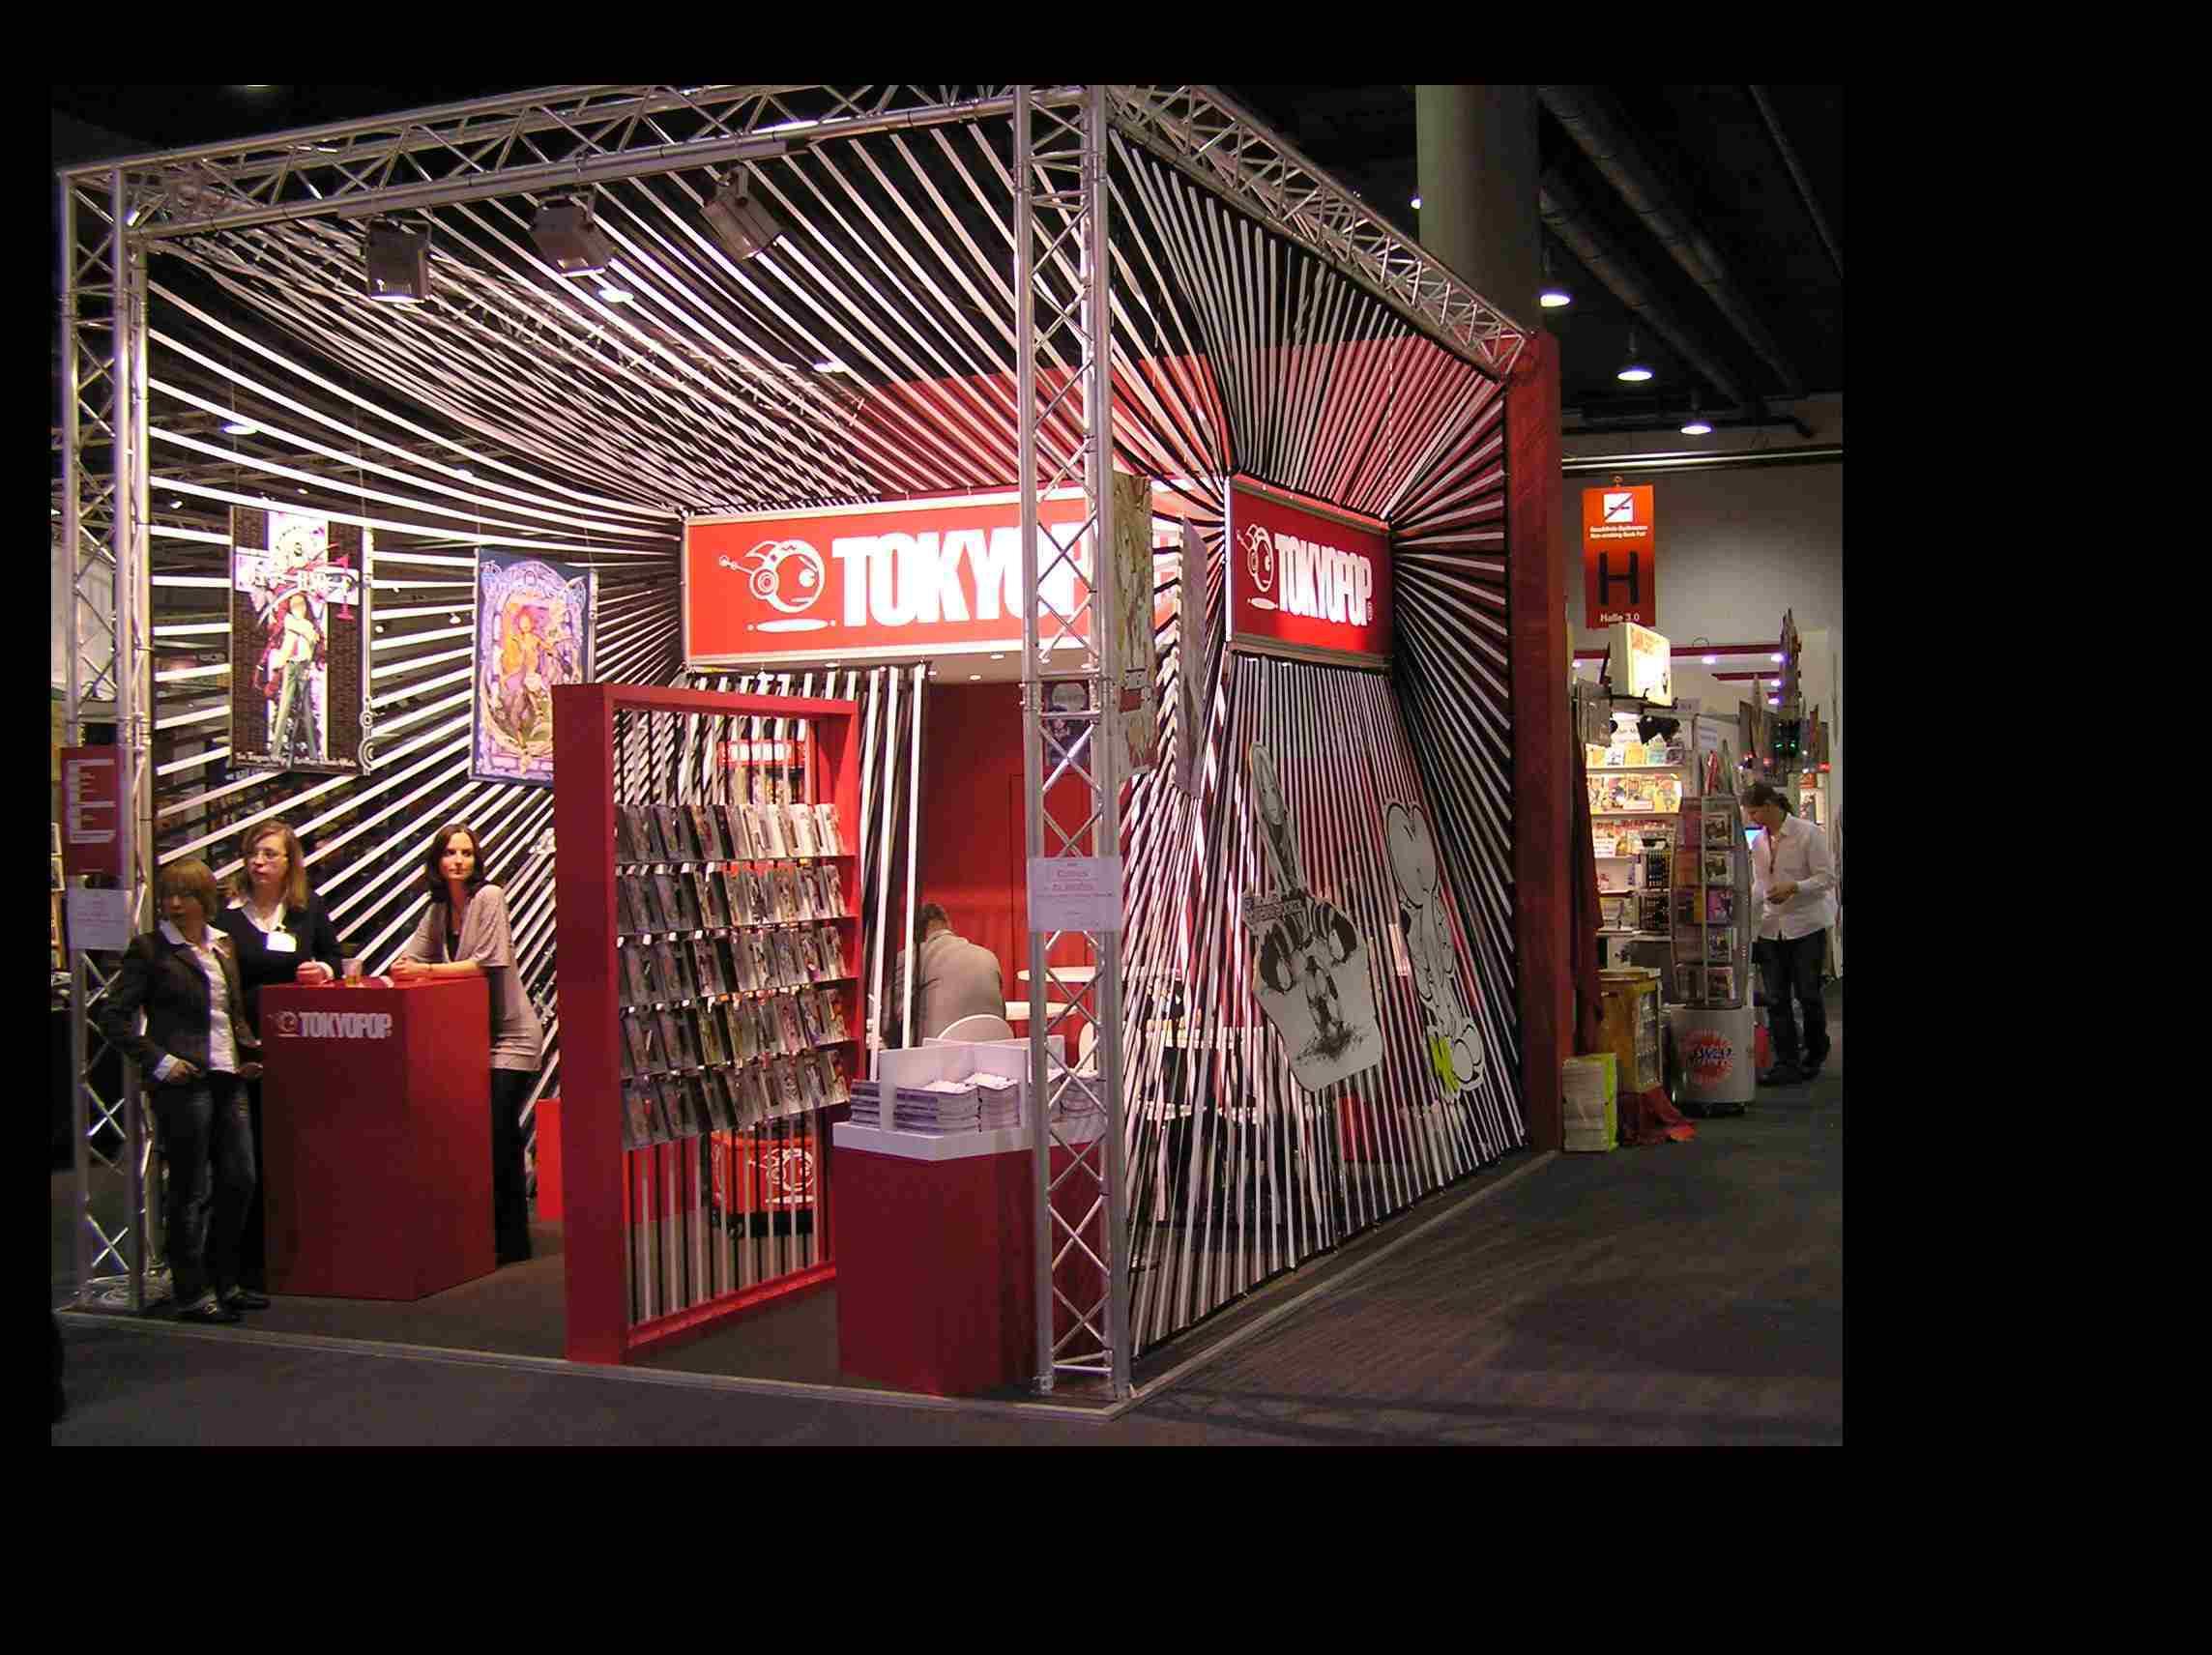 Obr. 5: Pro stánek mezinárodního nakladatelství se sídlem v Japonsku Tokyopop propagující na Západě všechny druhy japonského komiksu byl zvolen styl op artu.